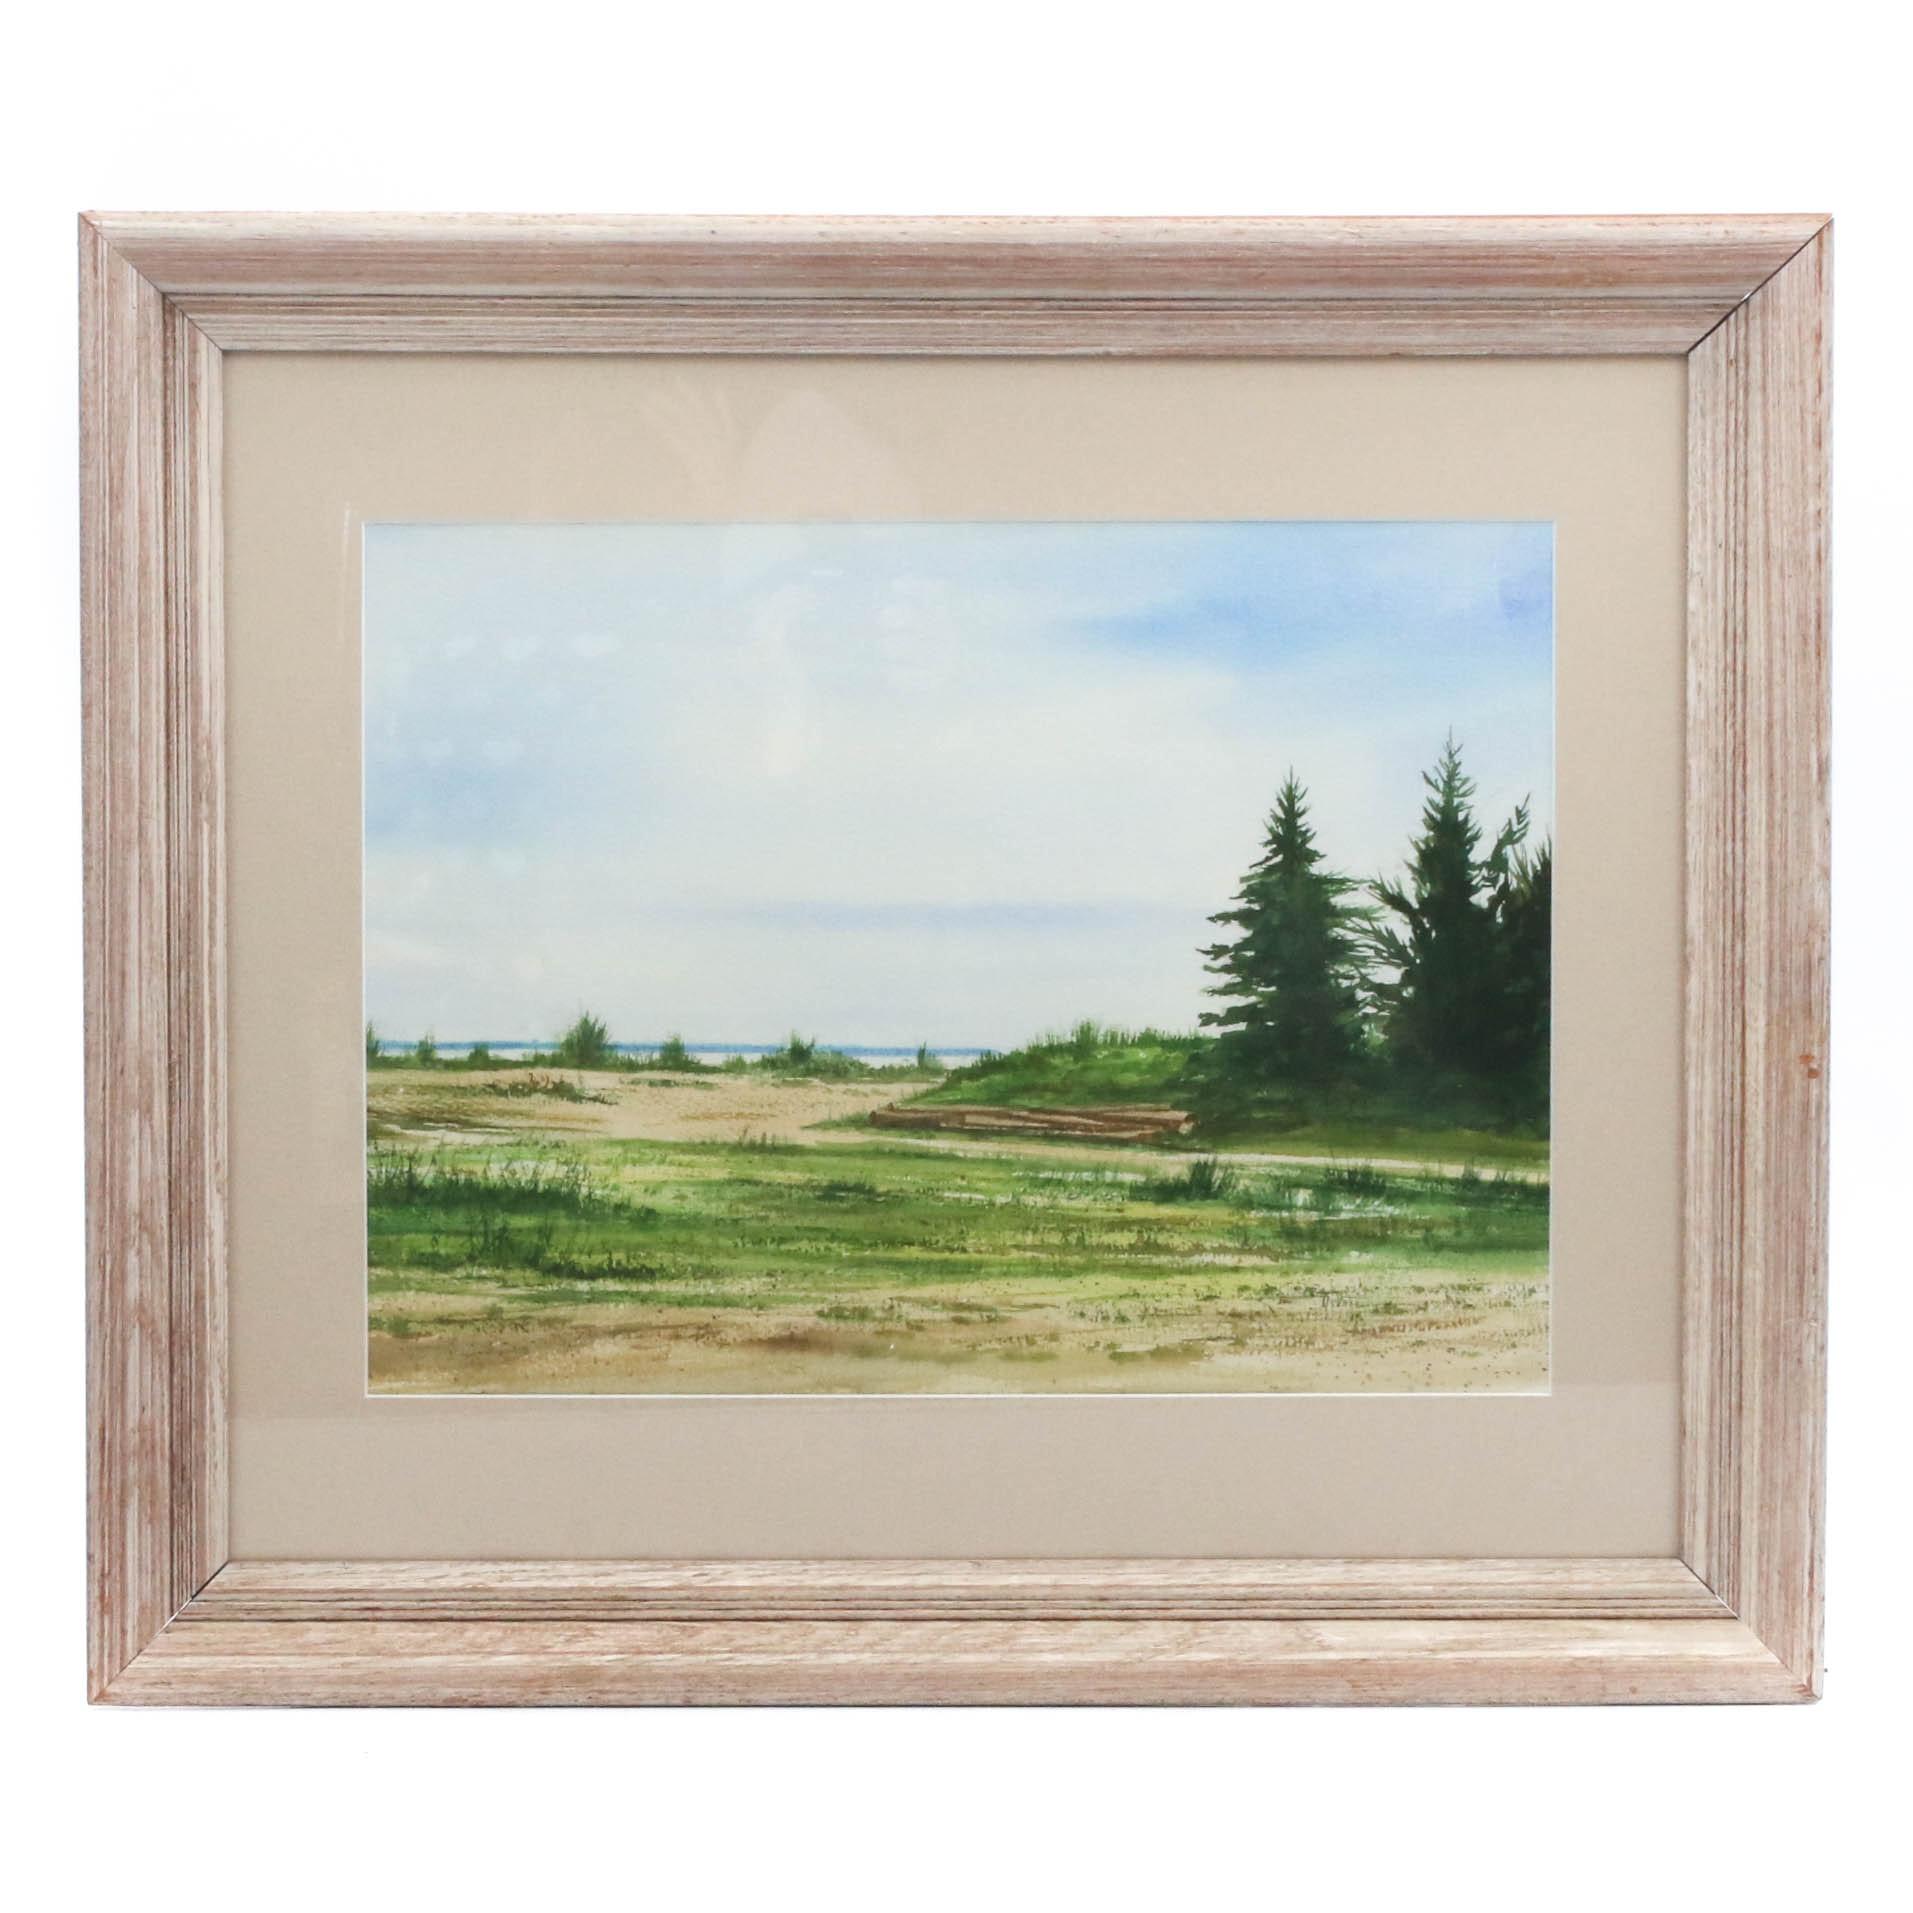 James DeVore Rural Landscape Watercolor Painting